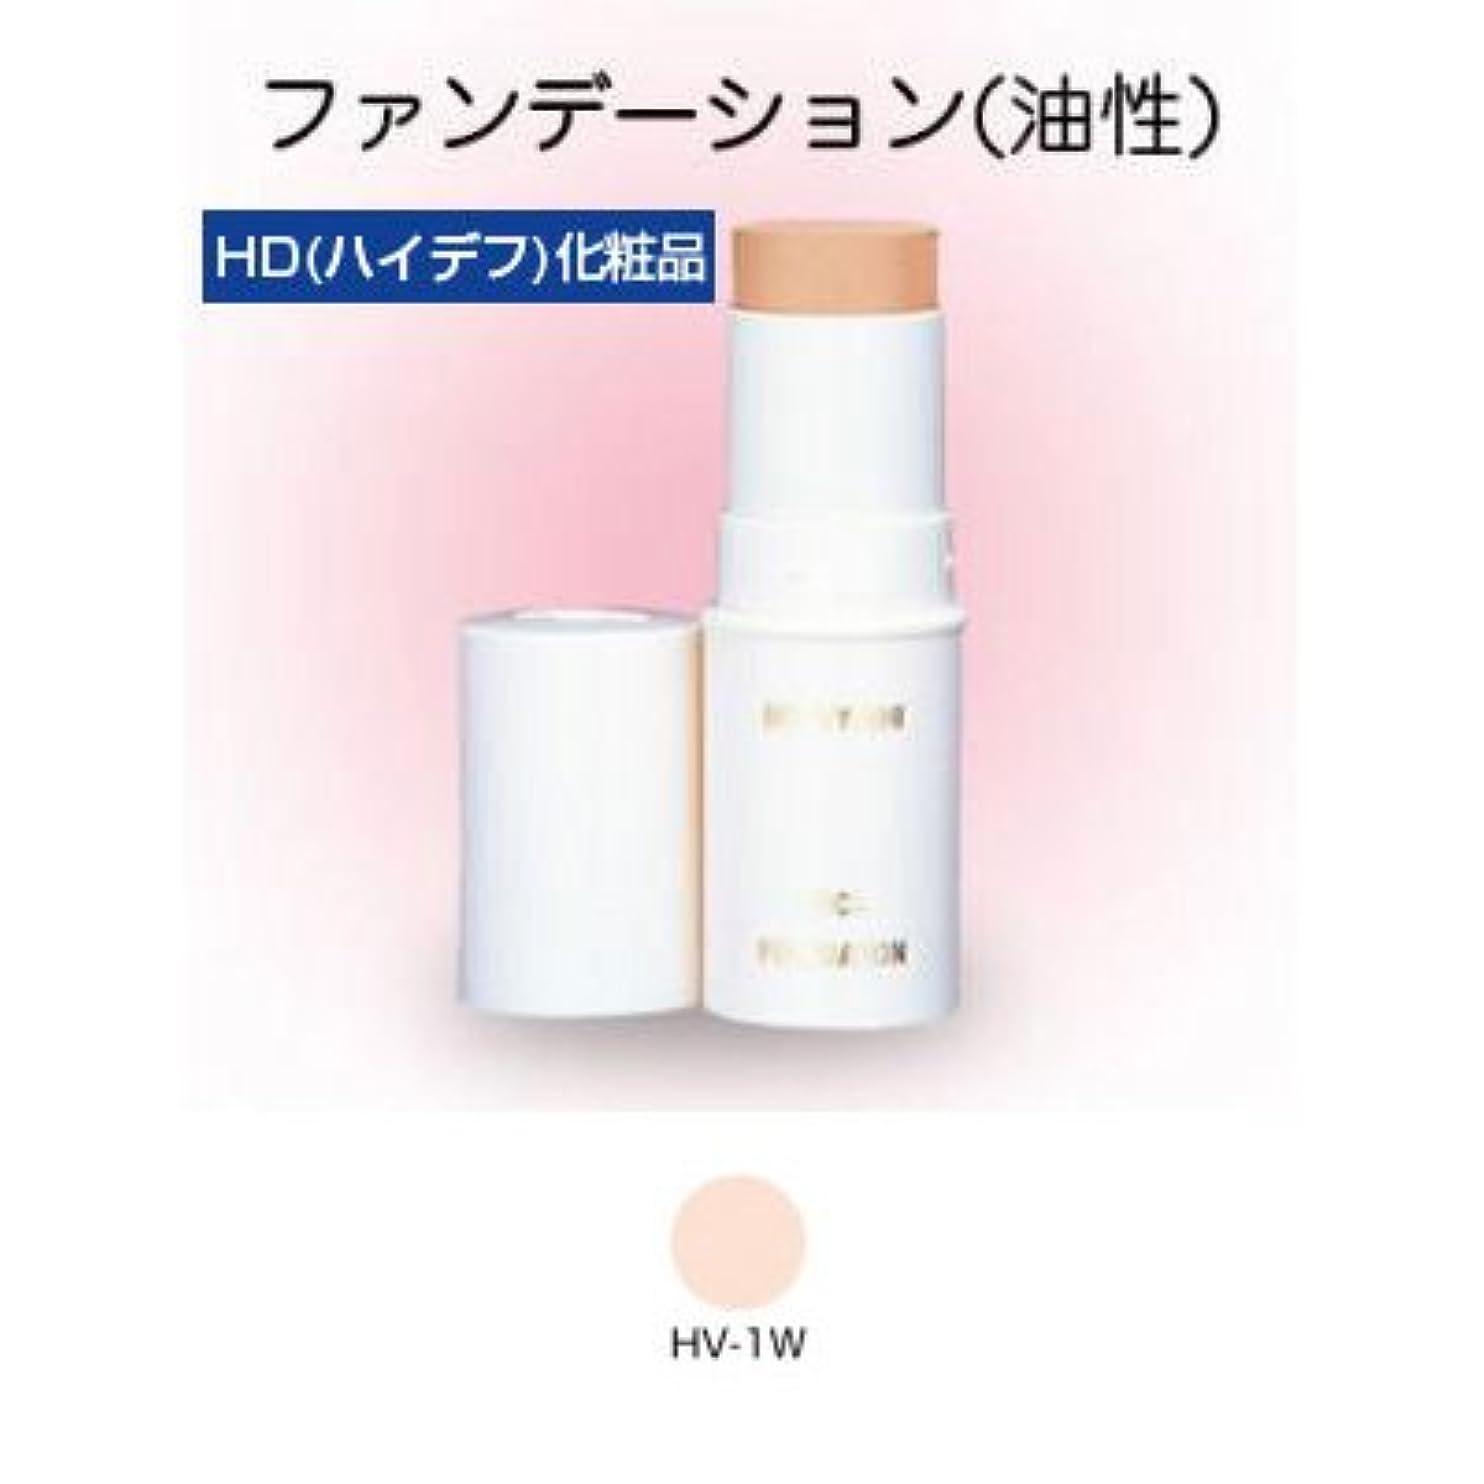 組み合わせまだ幻影スティックファンデーション HD化粧品 17g 1W 【三善】